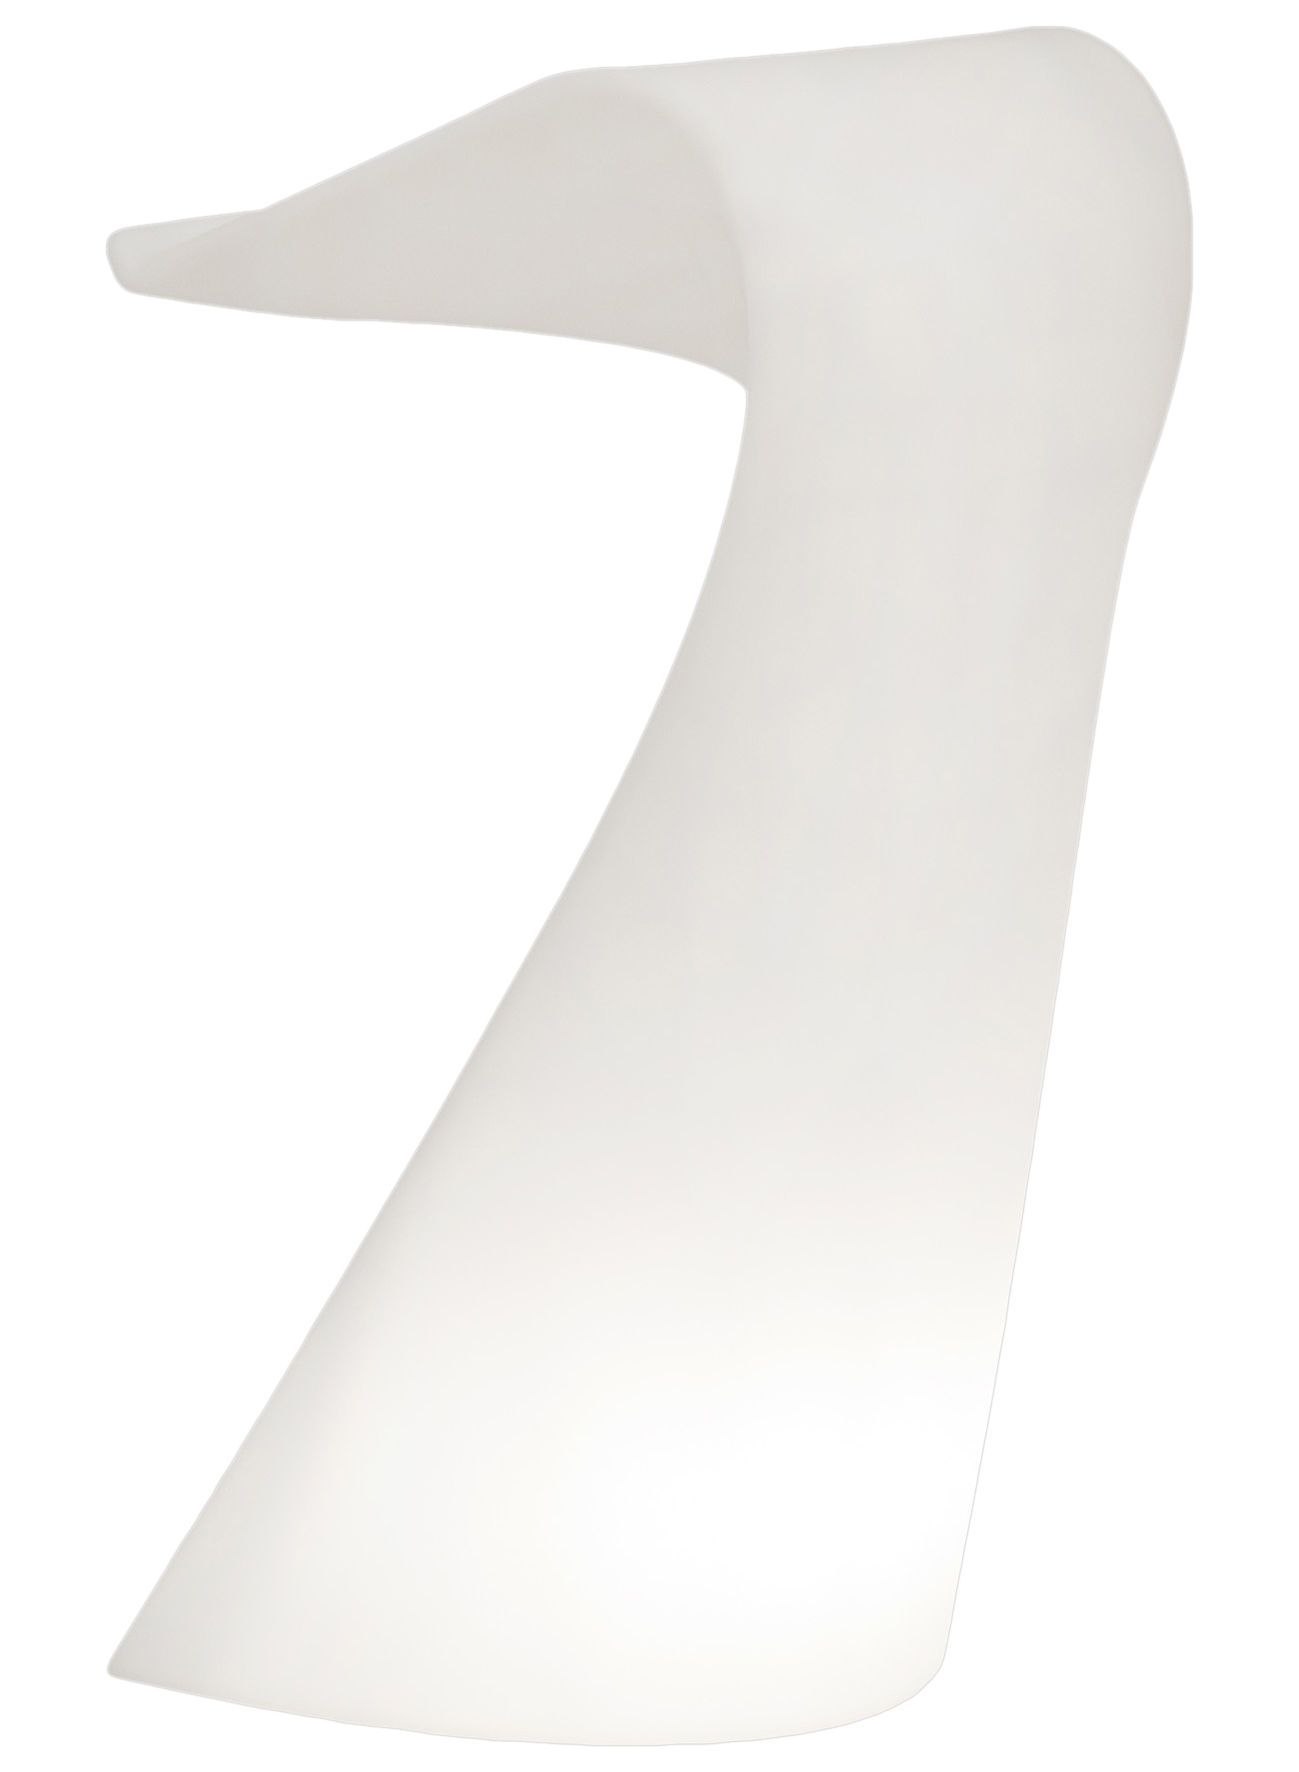 Mobilier - Bureaux - Pupitre Swish - Slide - Blanc - Polyéthylène